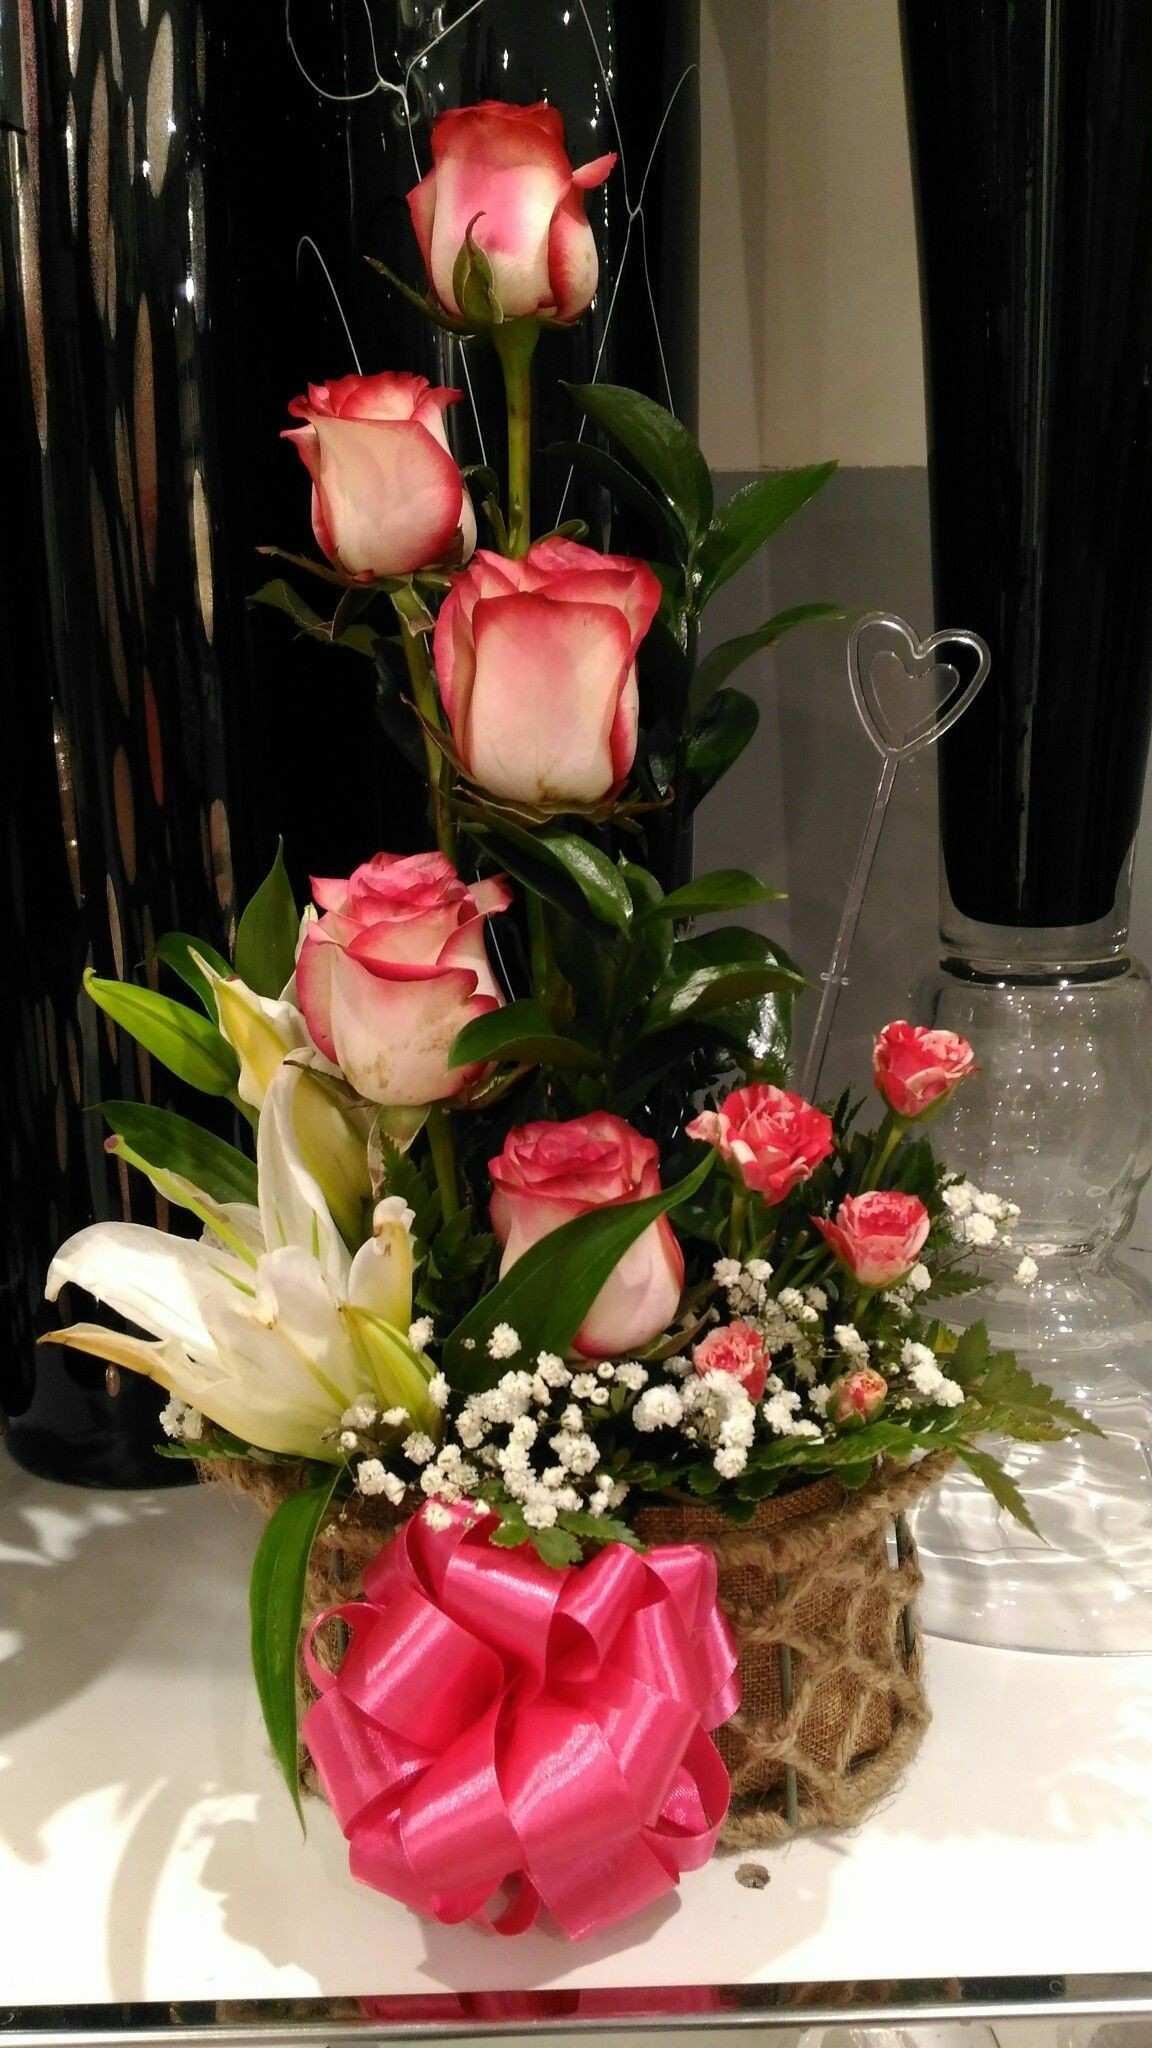 Round Vase Flower Arrangements Of Rose Garden Design Elegant Roses Pink Flower Picture Design New Pertaining to Rose Garden Design Elegant Roses Pink Flower Picture Design New Flower Arrangements Elegant